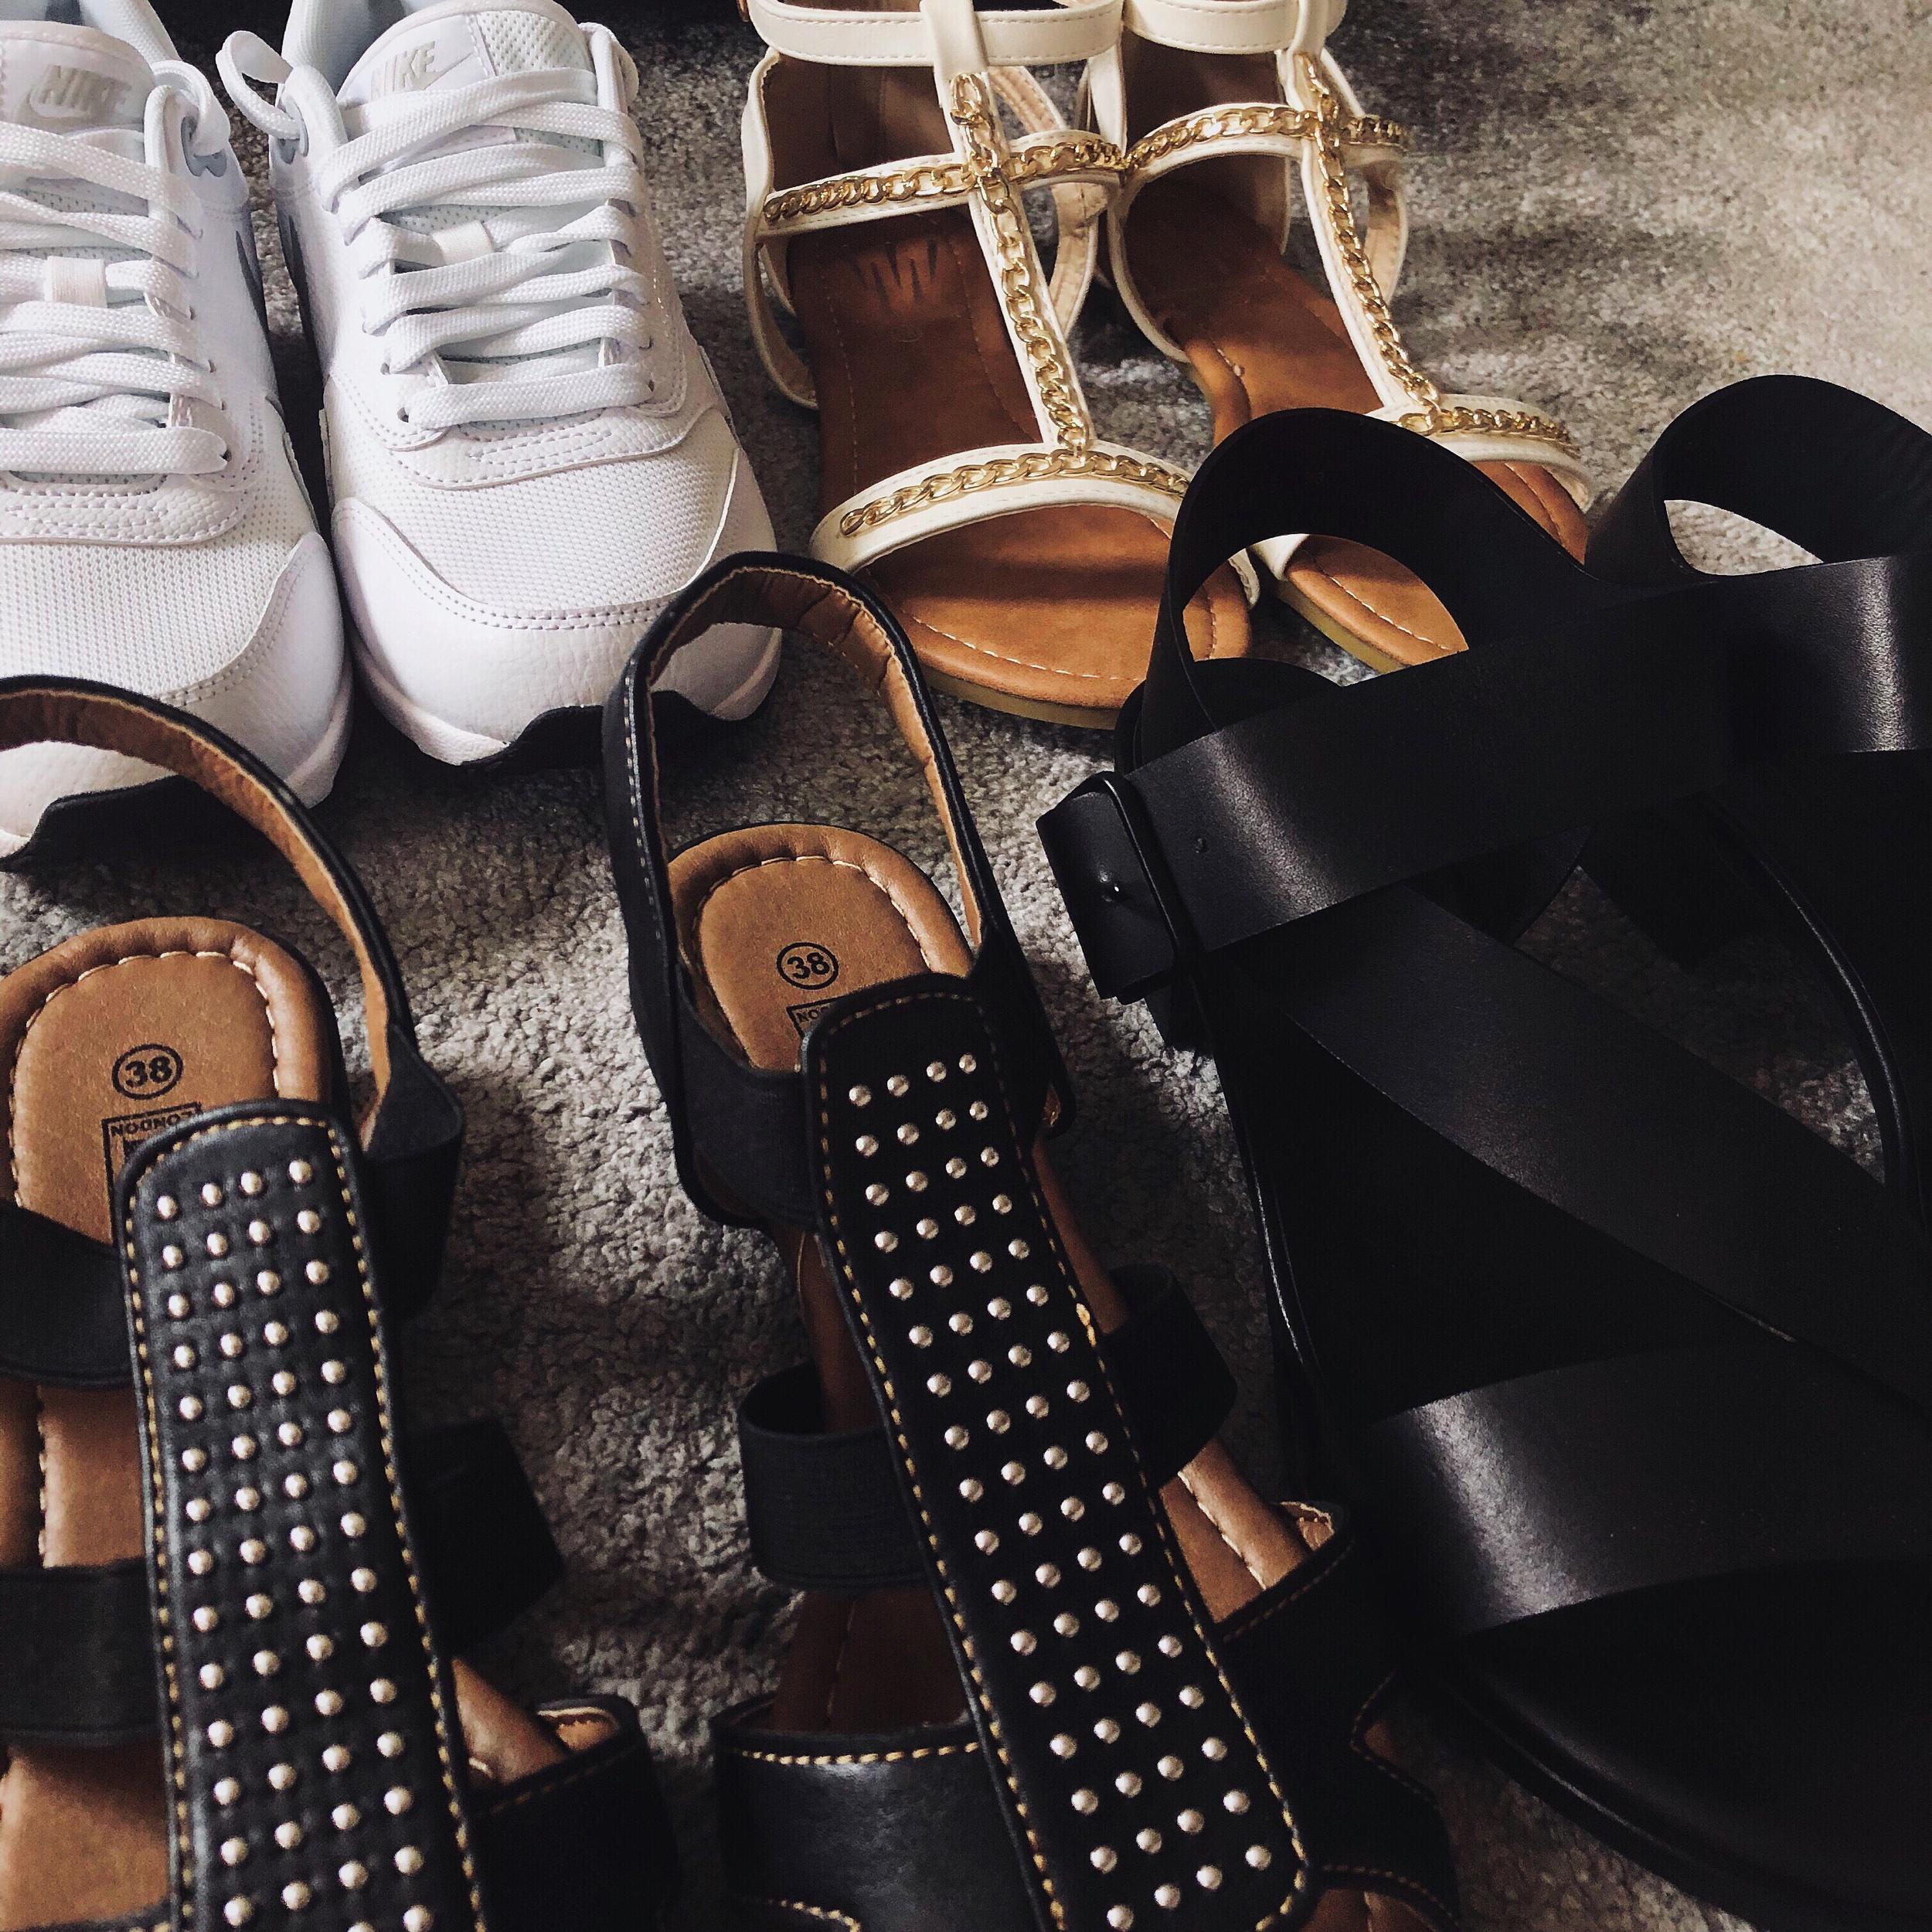 Skor är kärlek! ❤️